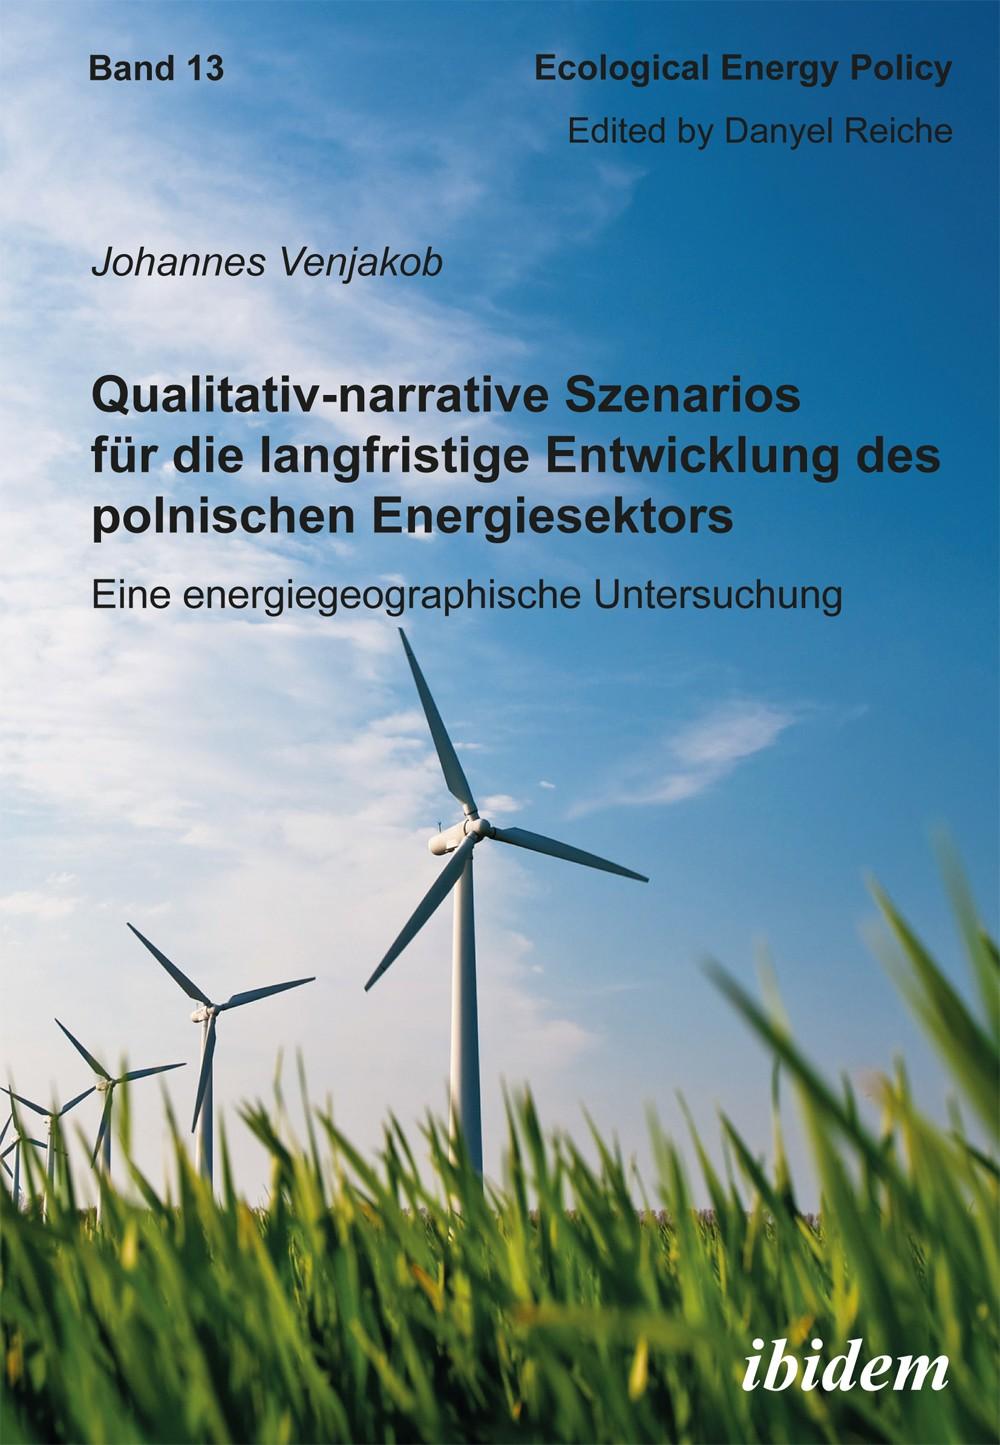 Qualitativ-narrative Szenarios für die langfristige Entwicklung des polnischen Energiesektors